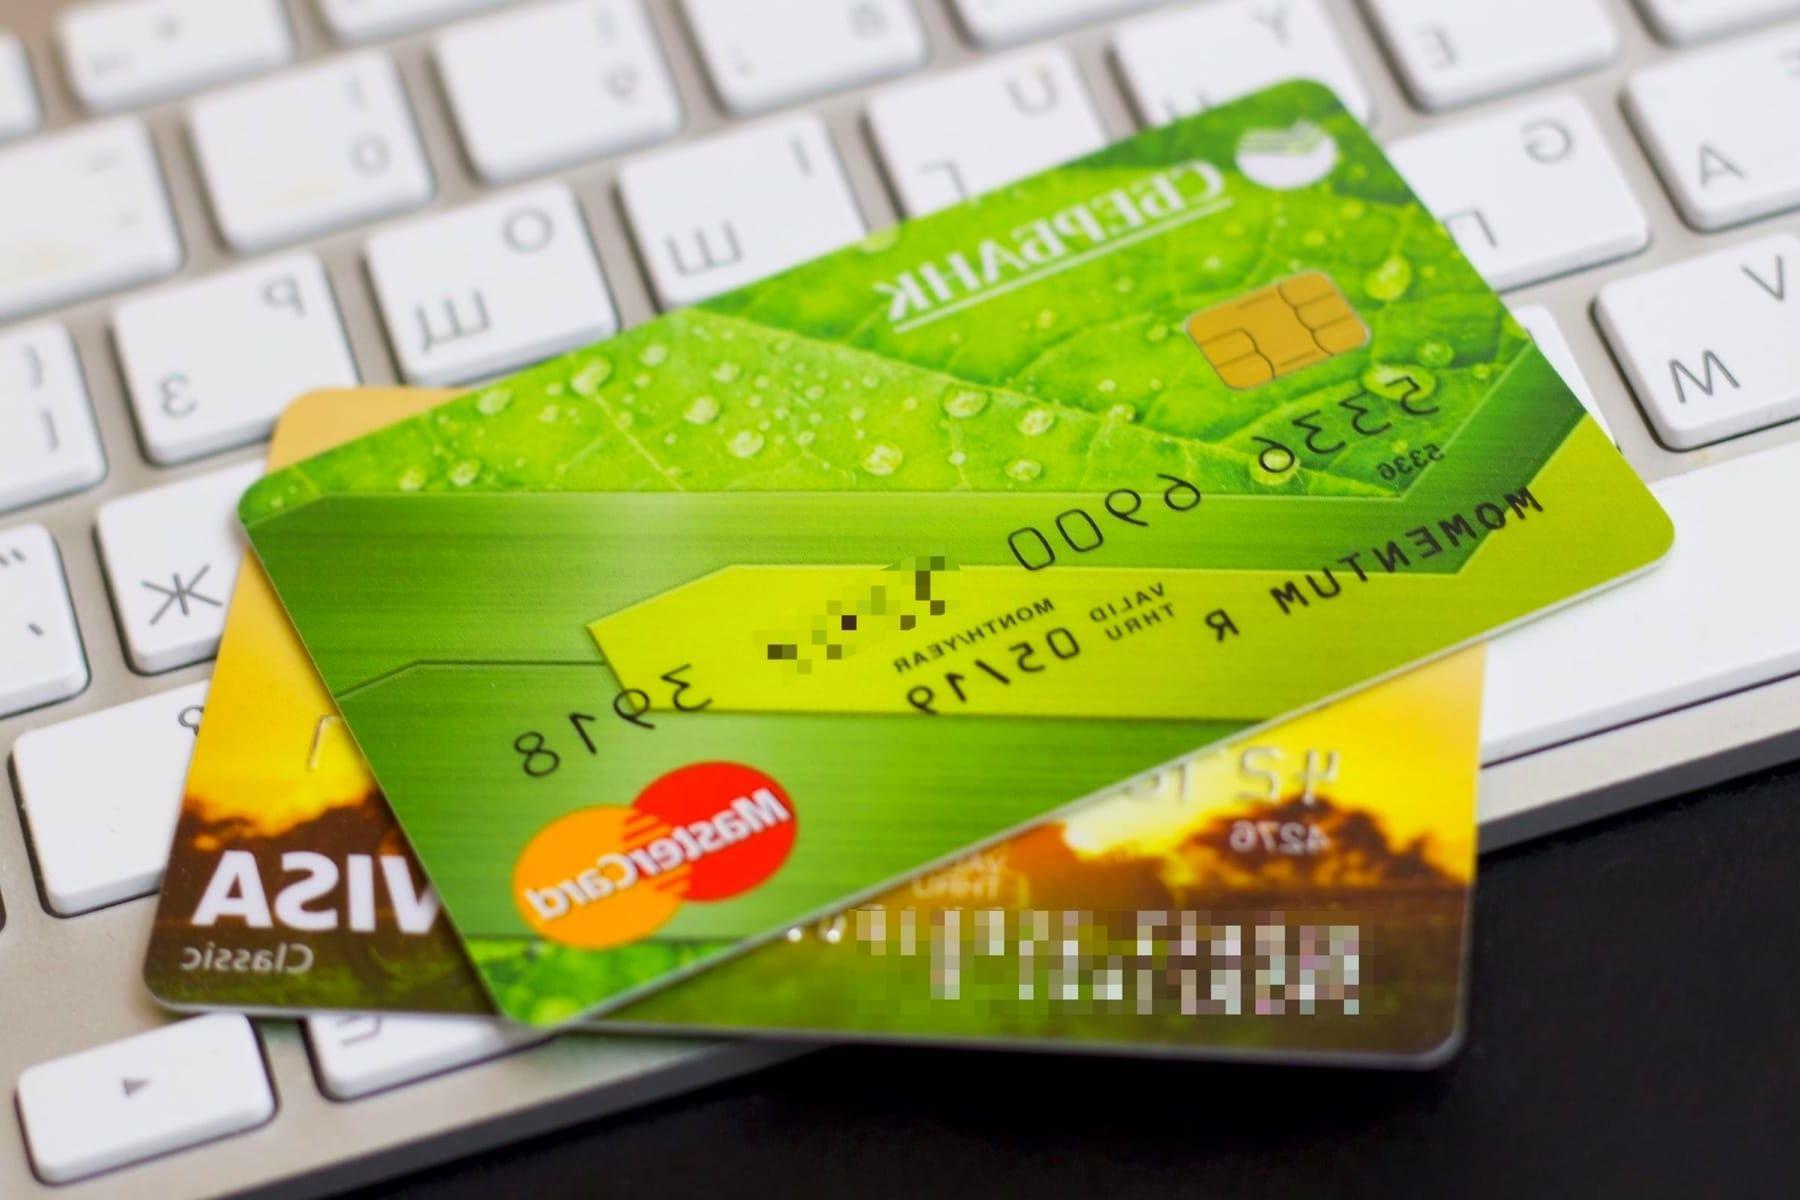 «Сбербанк» рассказал, кто из владельцев банковских карт будет платить 4% налог с 1 января 2019 года